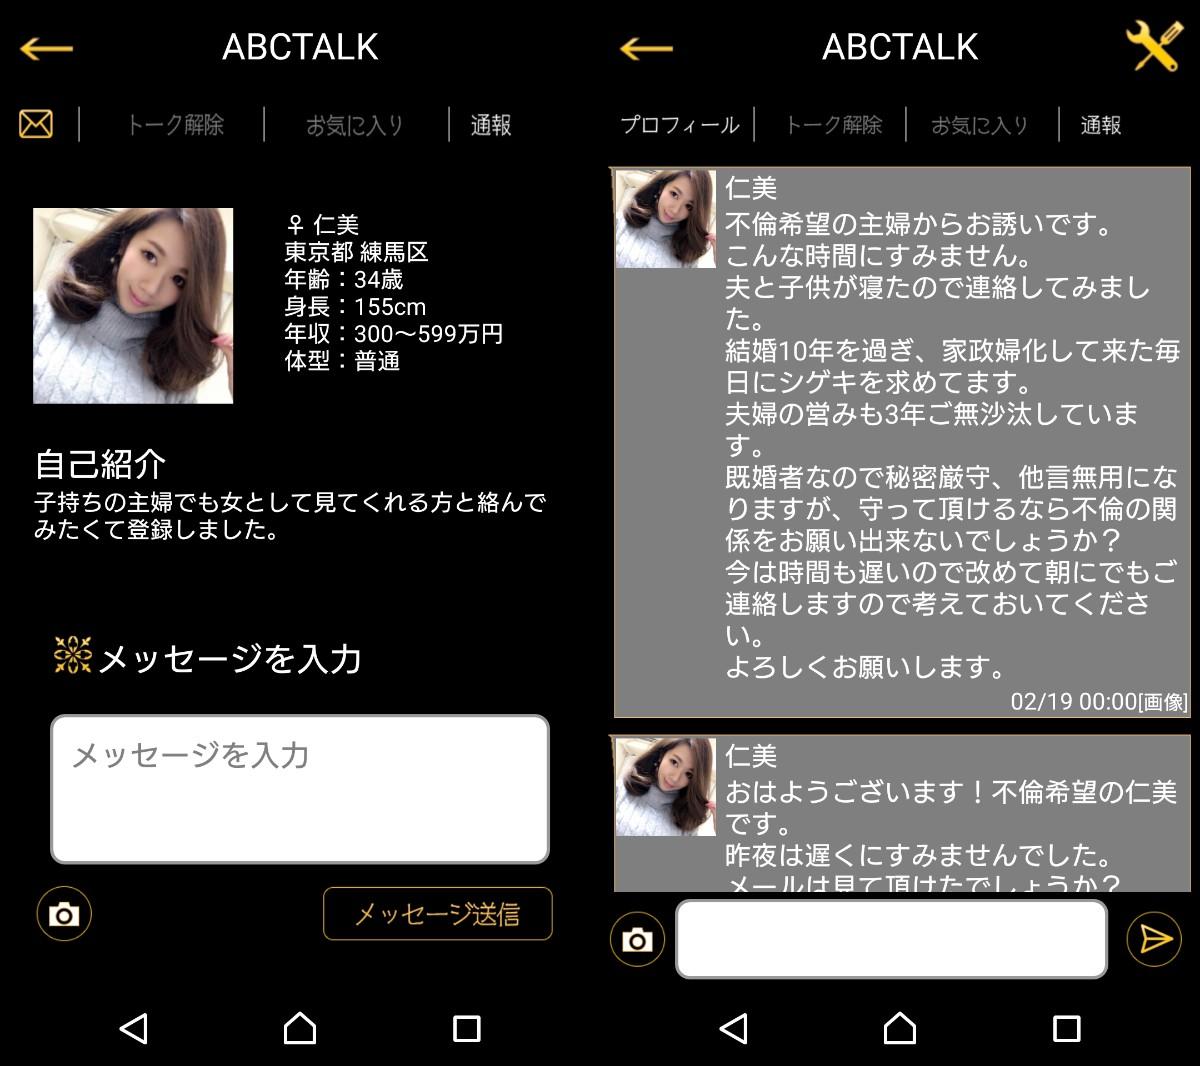 サクラ詐欺出会い系アプリ「ABCTALK」サクラの仁美